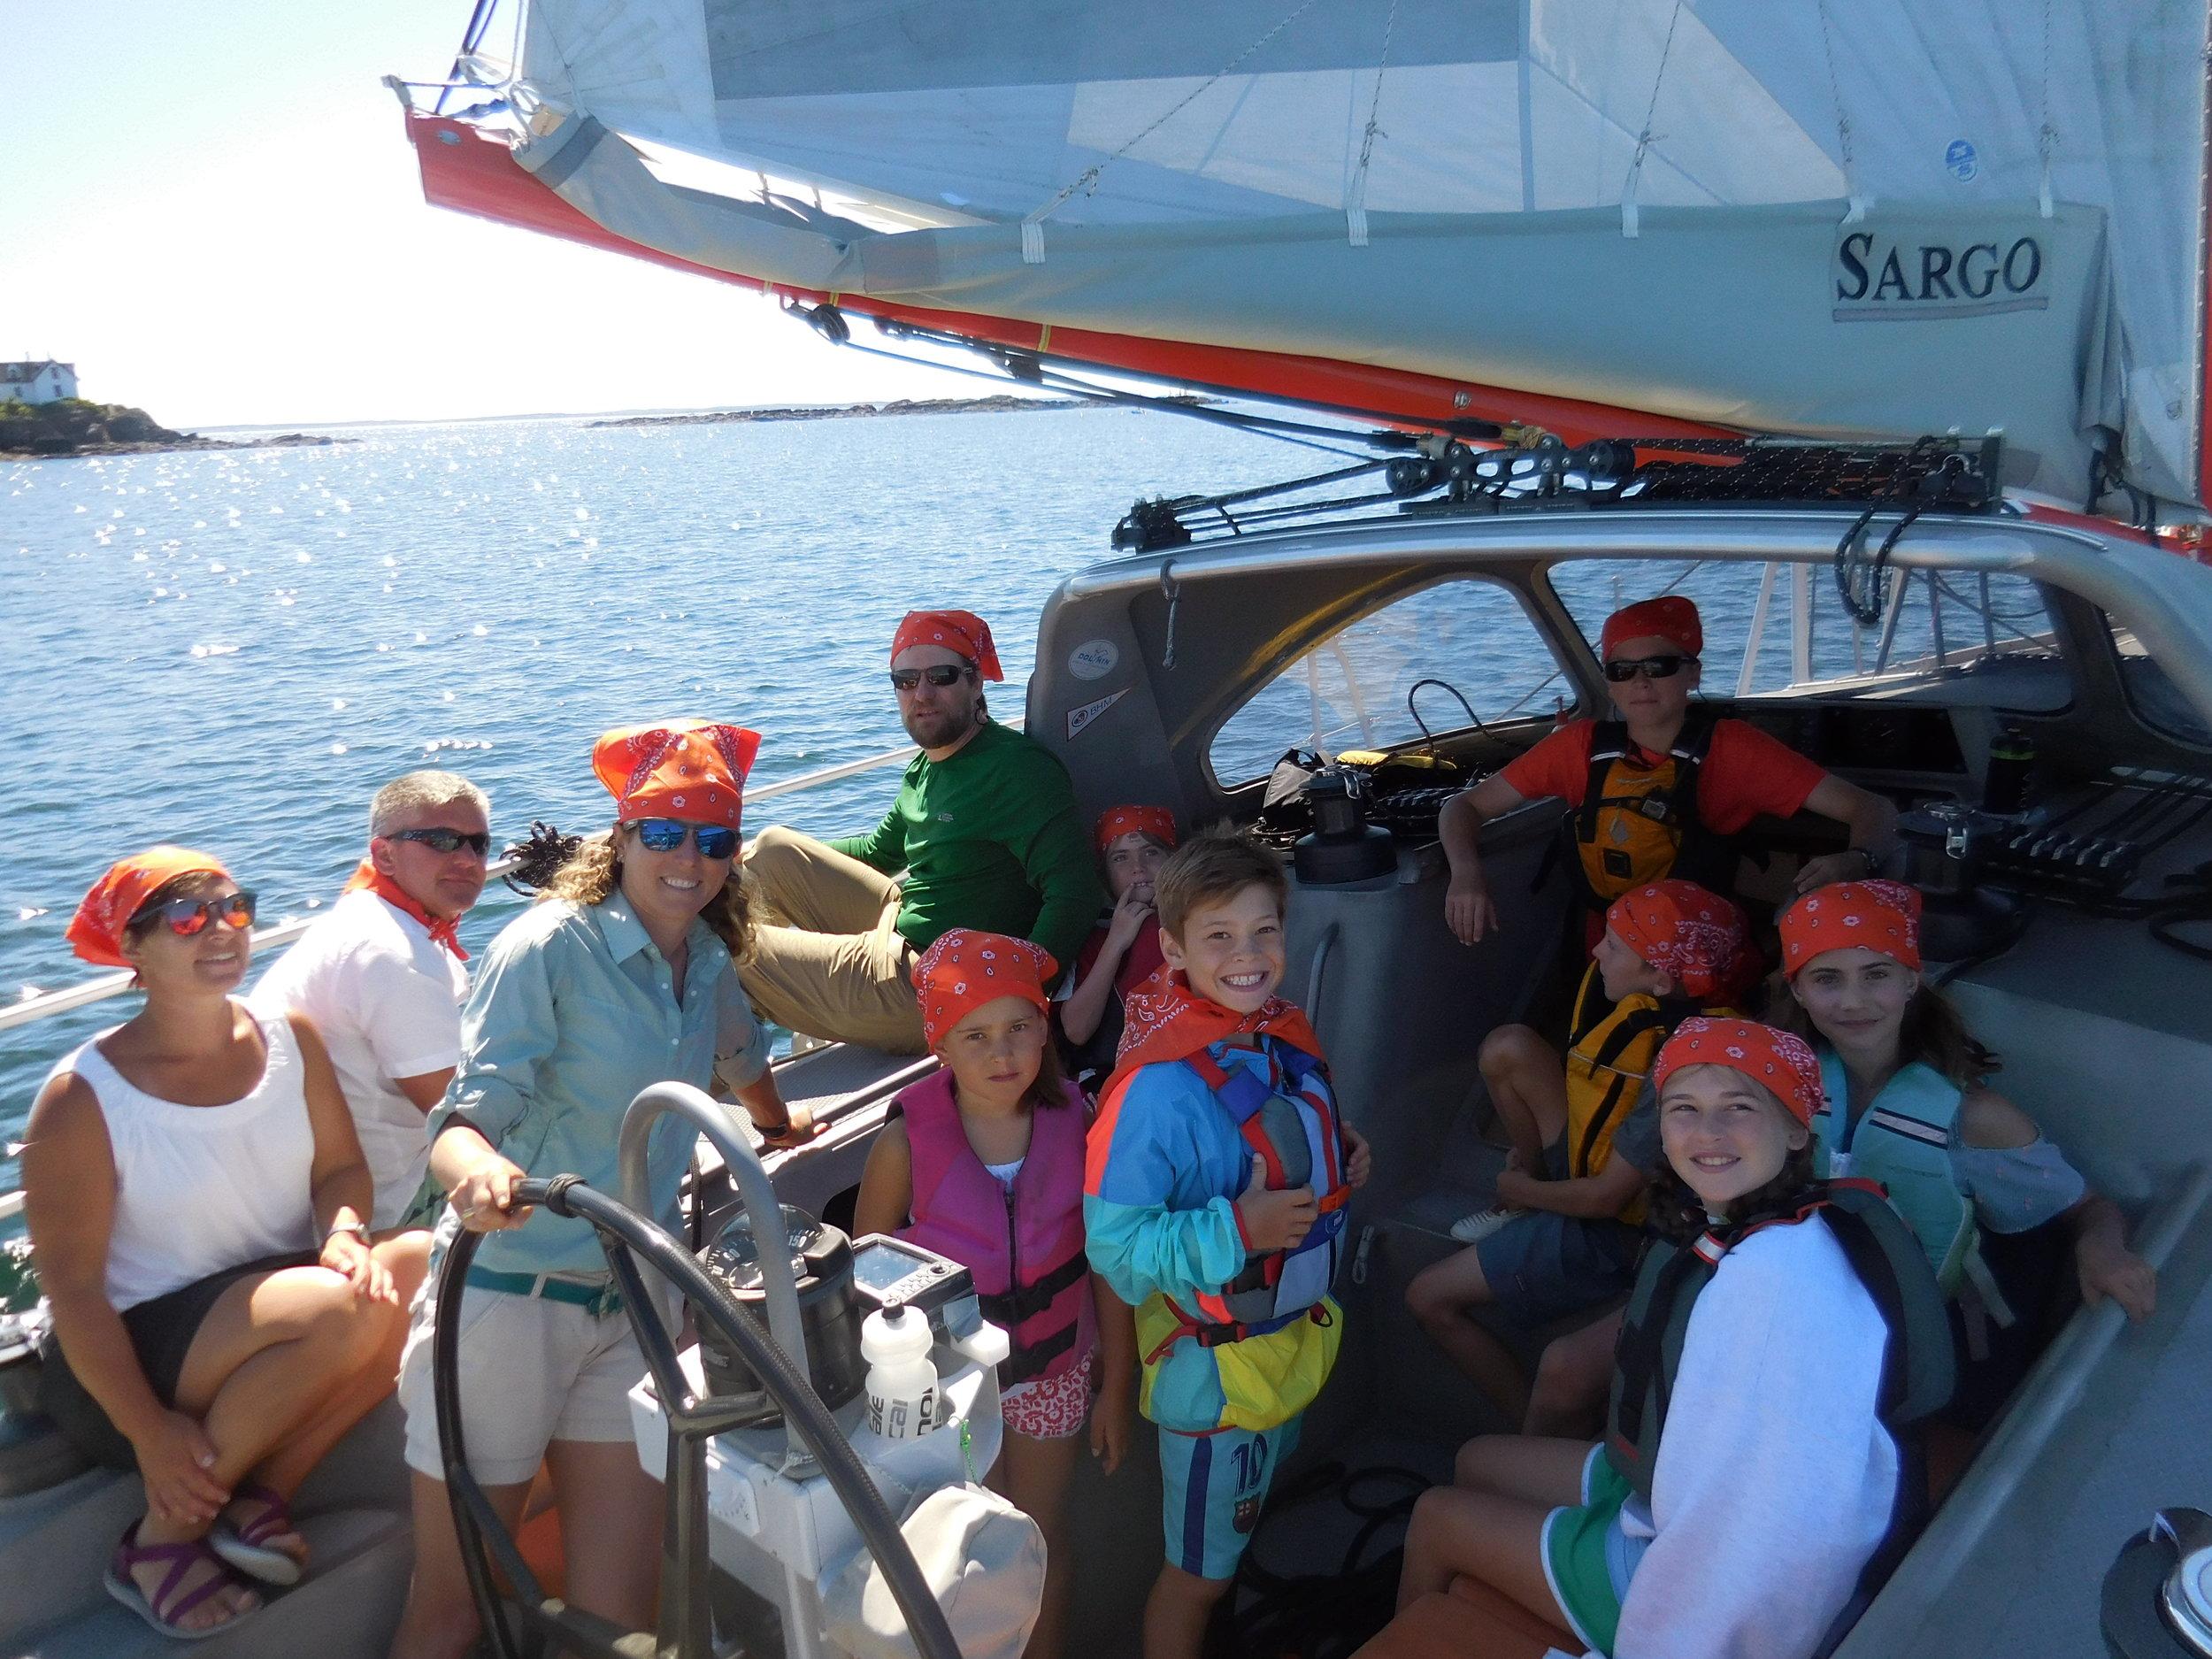 Sailing Sargo Crew